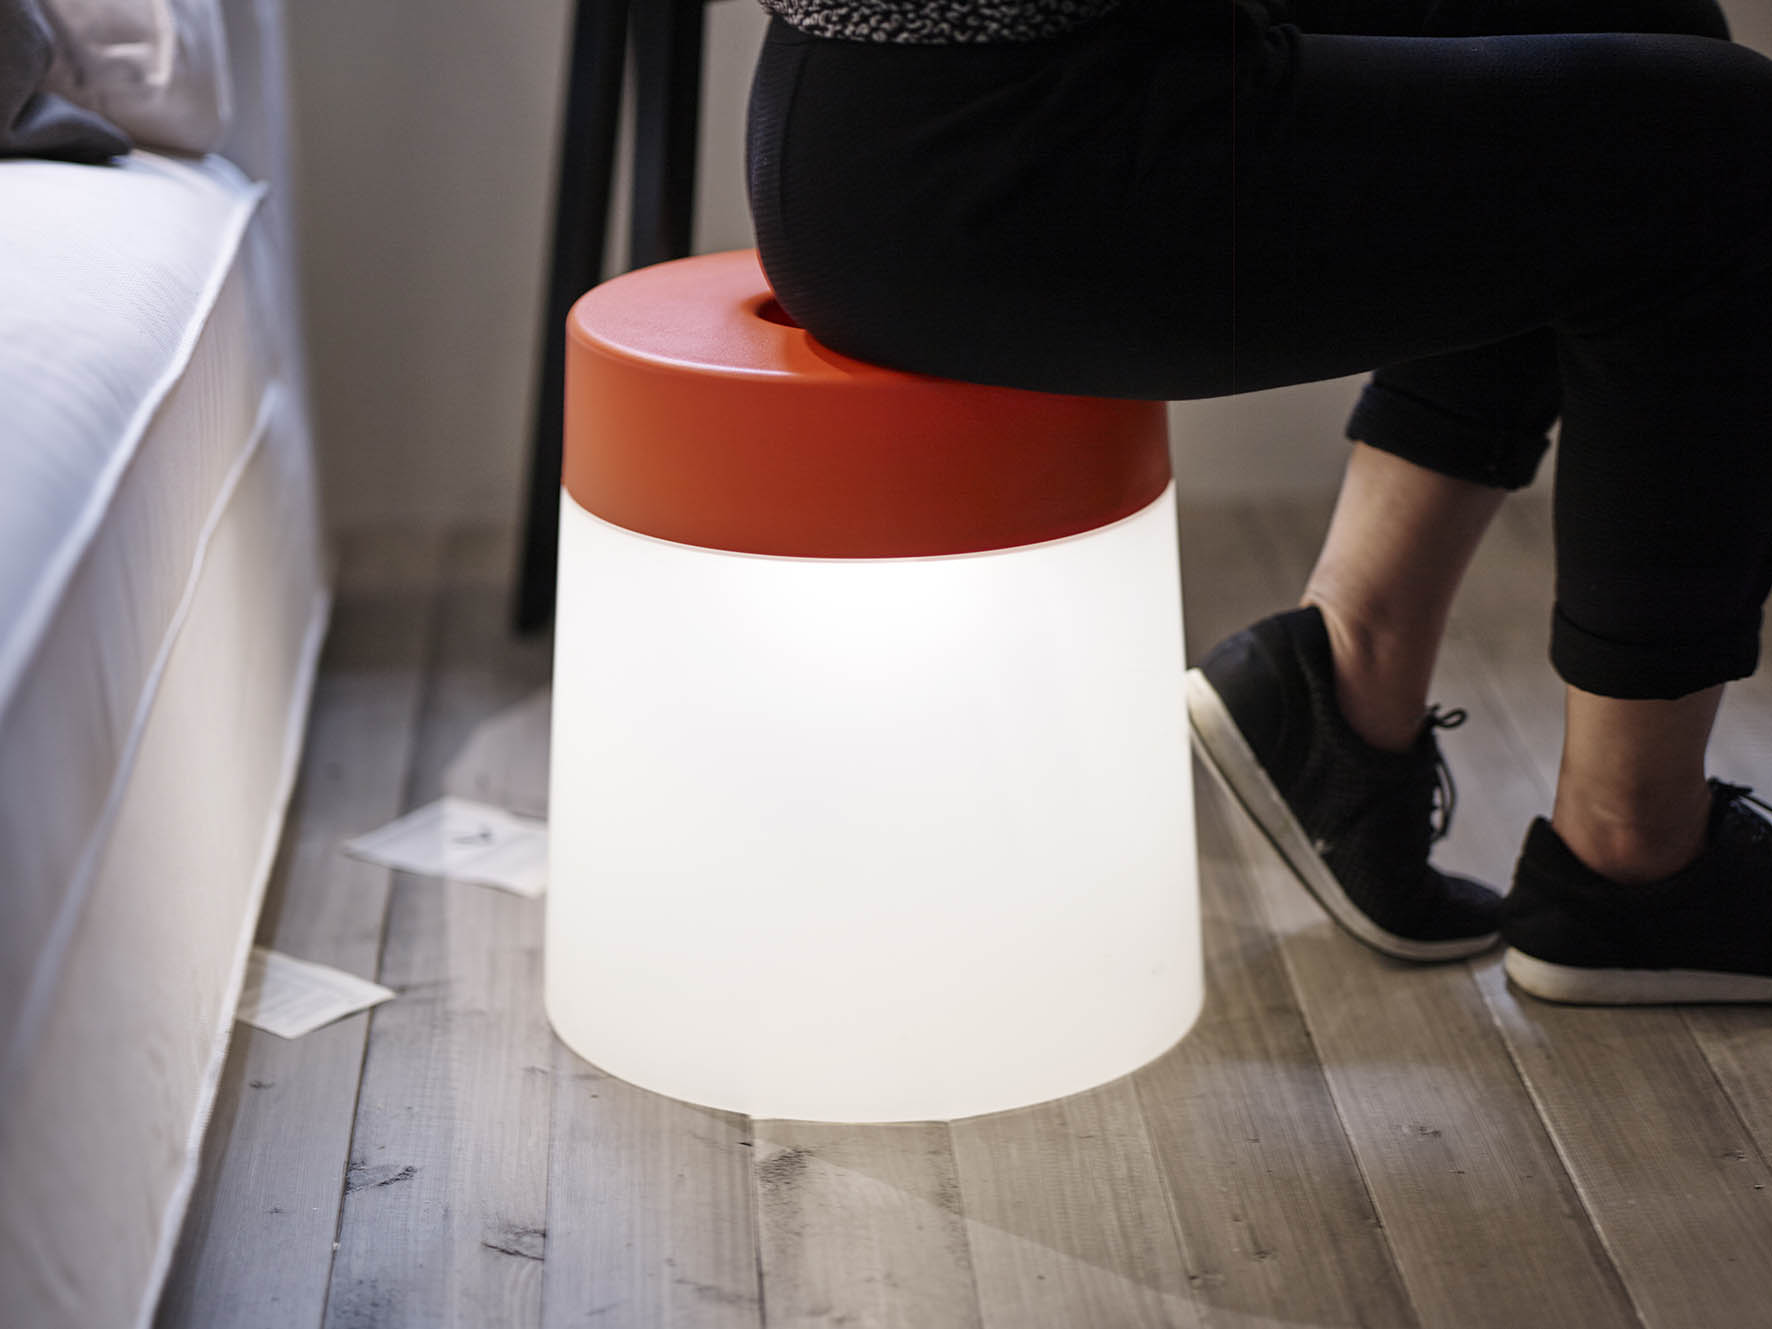 Led Verlichting Keuken Ikea : binnen en buiten met LED verlichting. Voor vele doeleinden bruikbaar